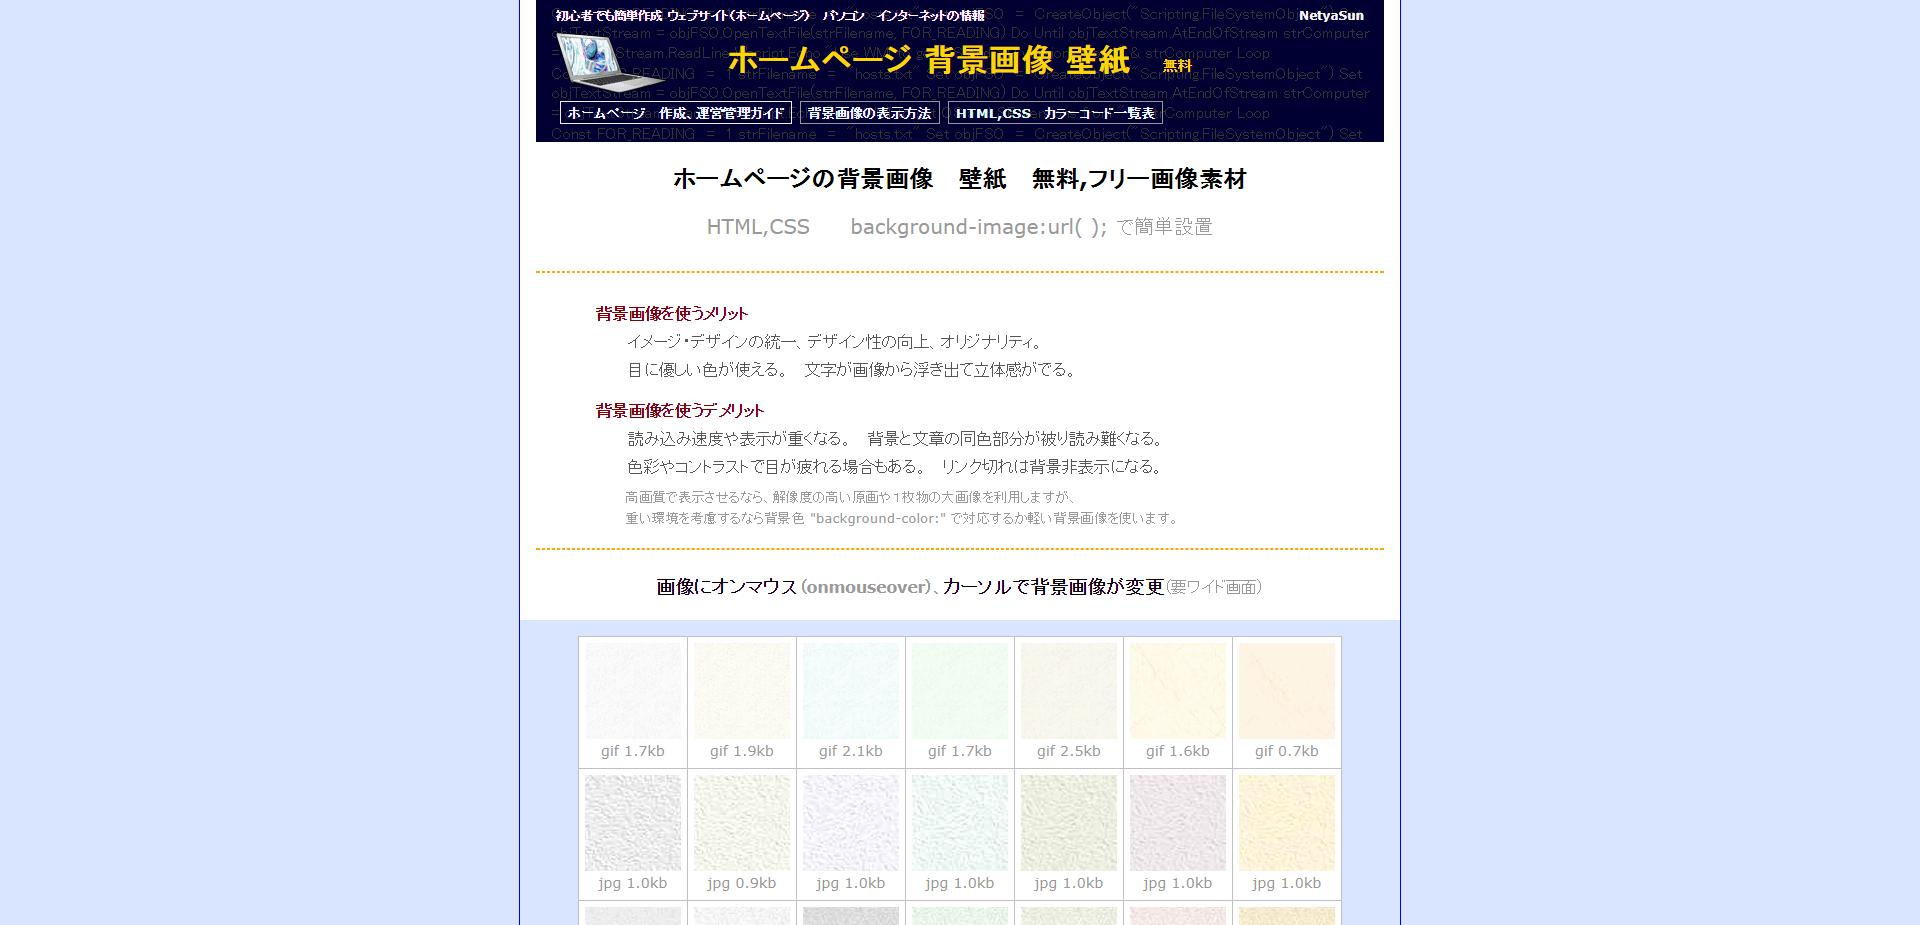 背景に使えるフリー素材サイト11選 有料だけど高品質な素材サイトをご紹介